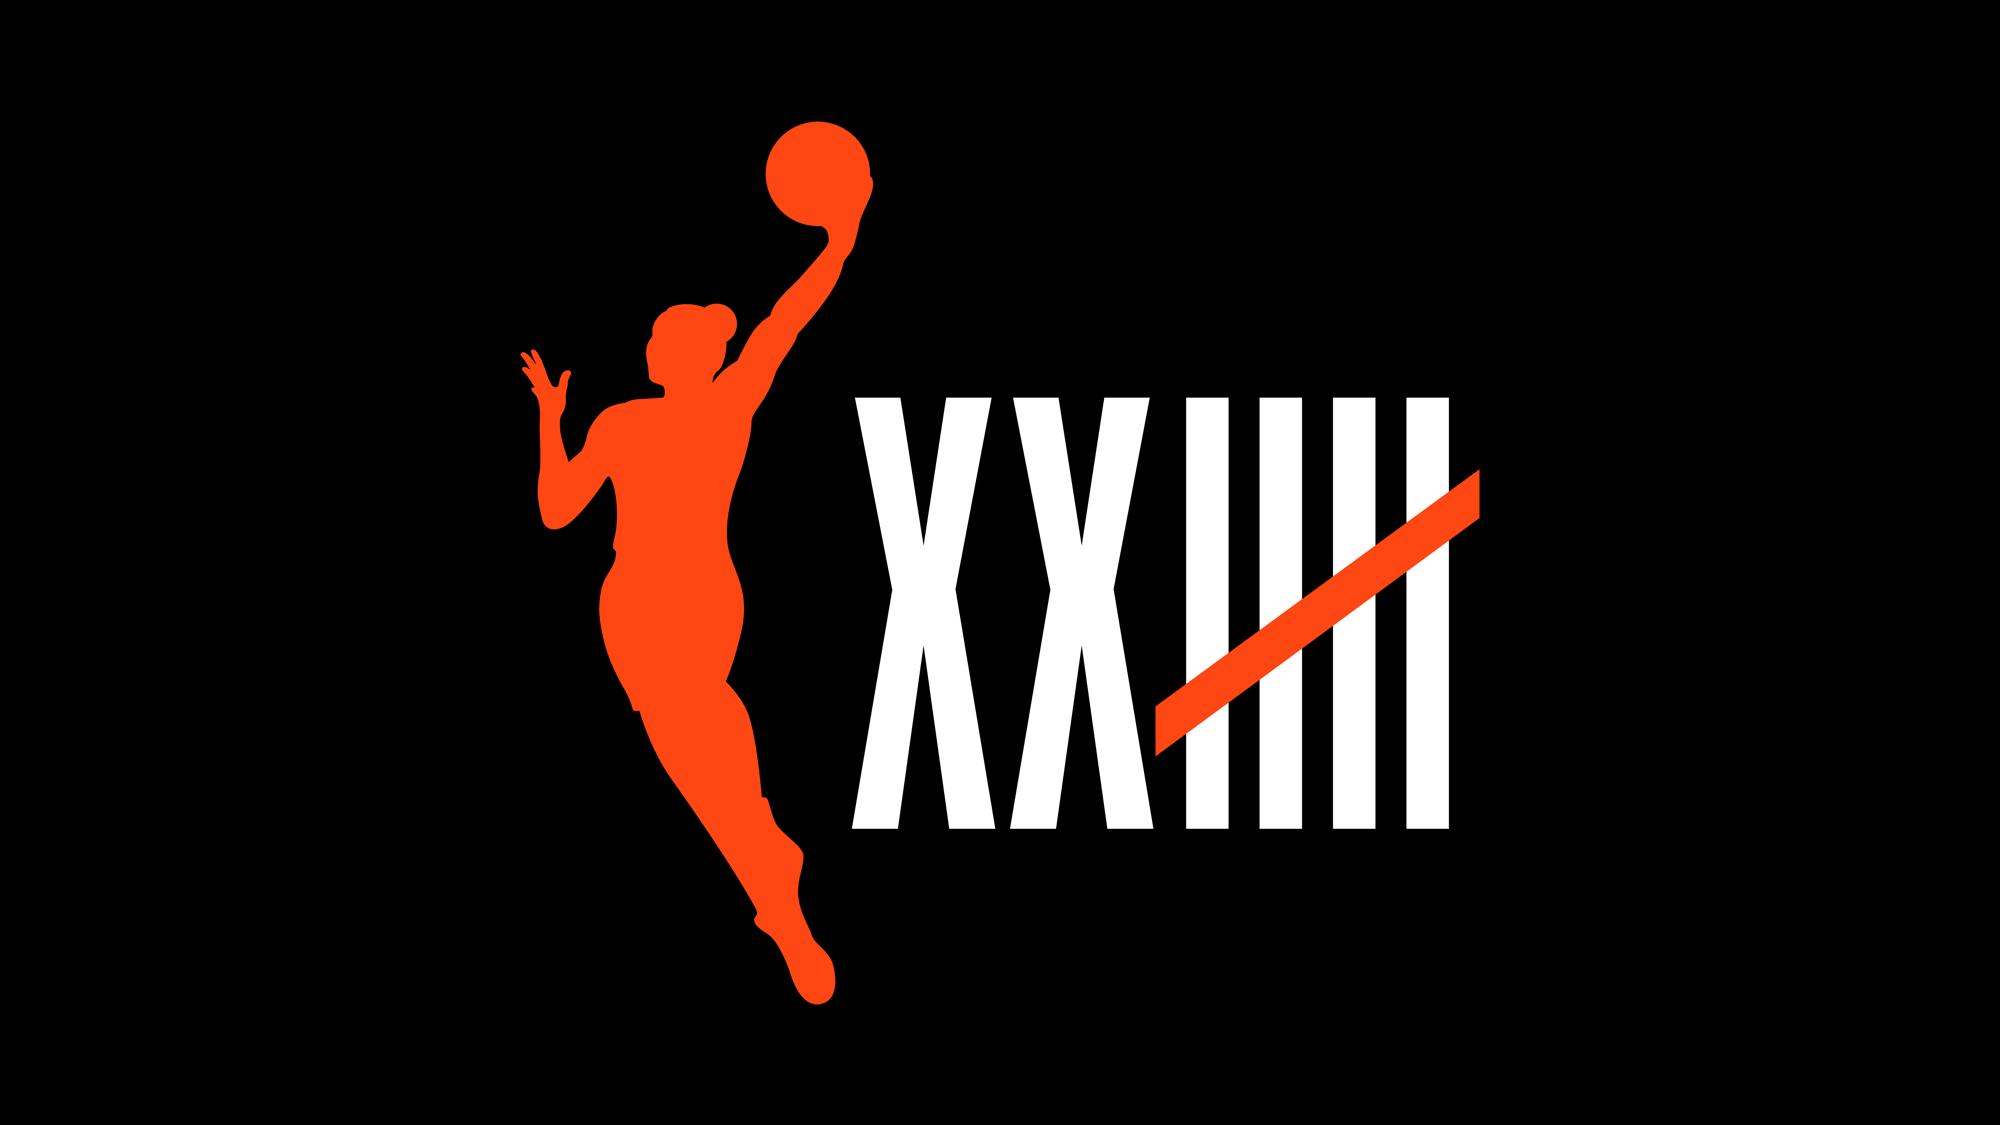 WNBA's 25th Anniversary Logo